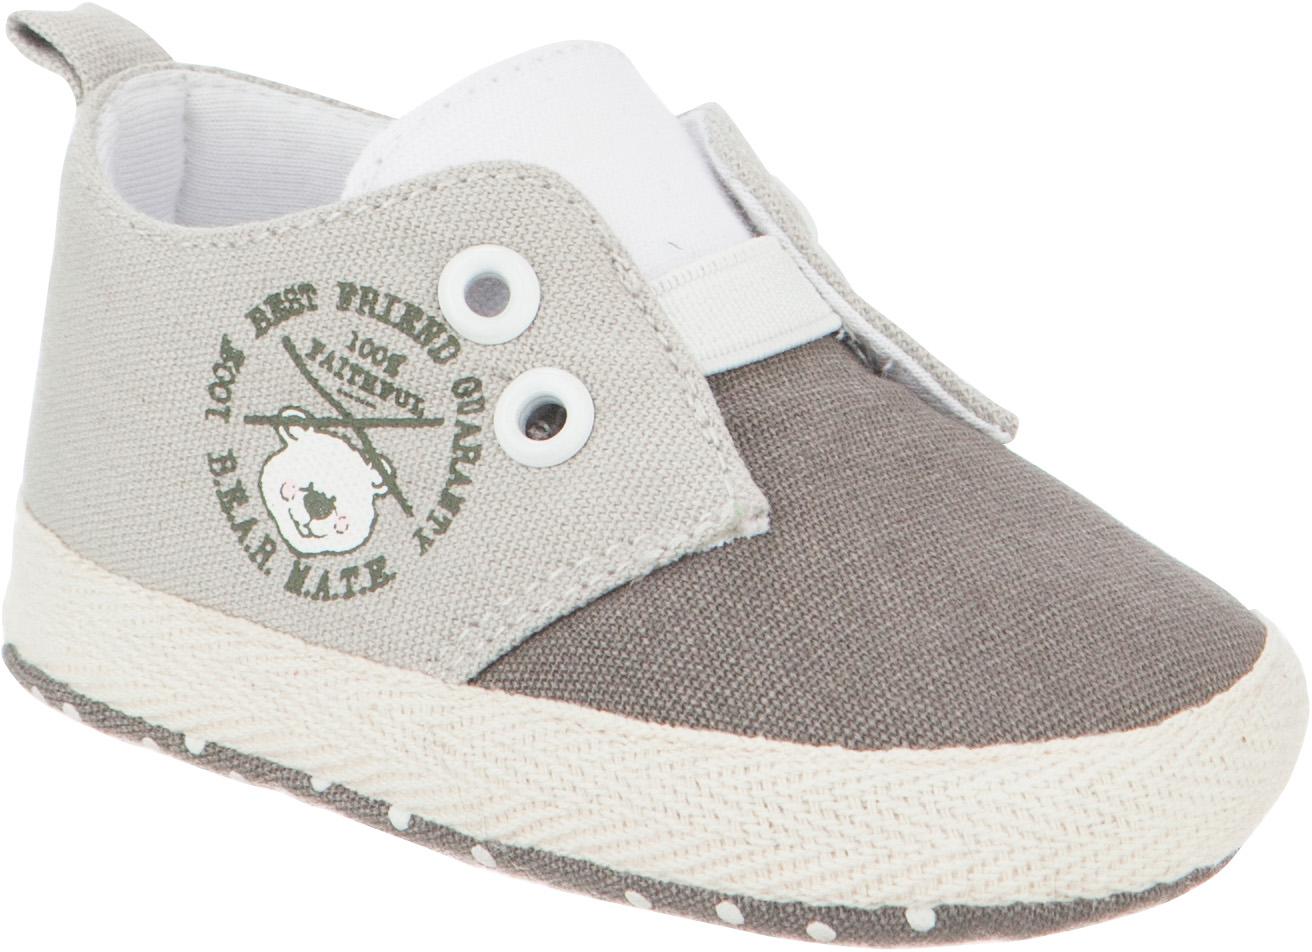 Пинетки детские Капика, цвет: серый. 10125. Размер 1810125